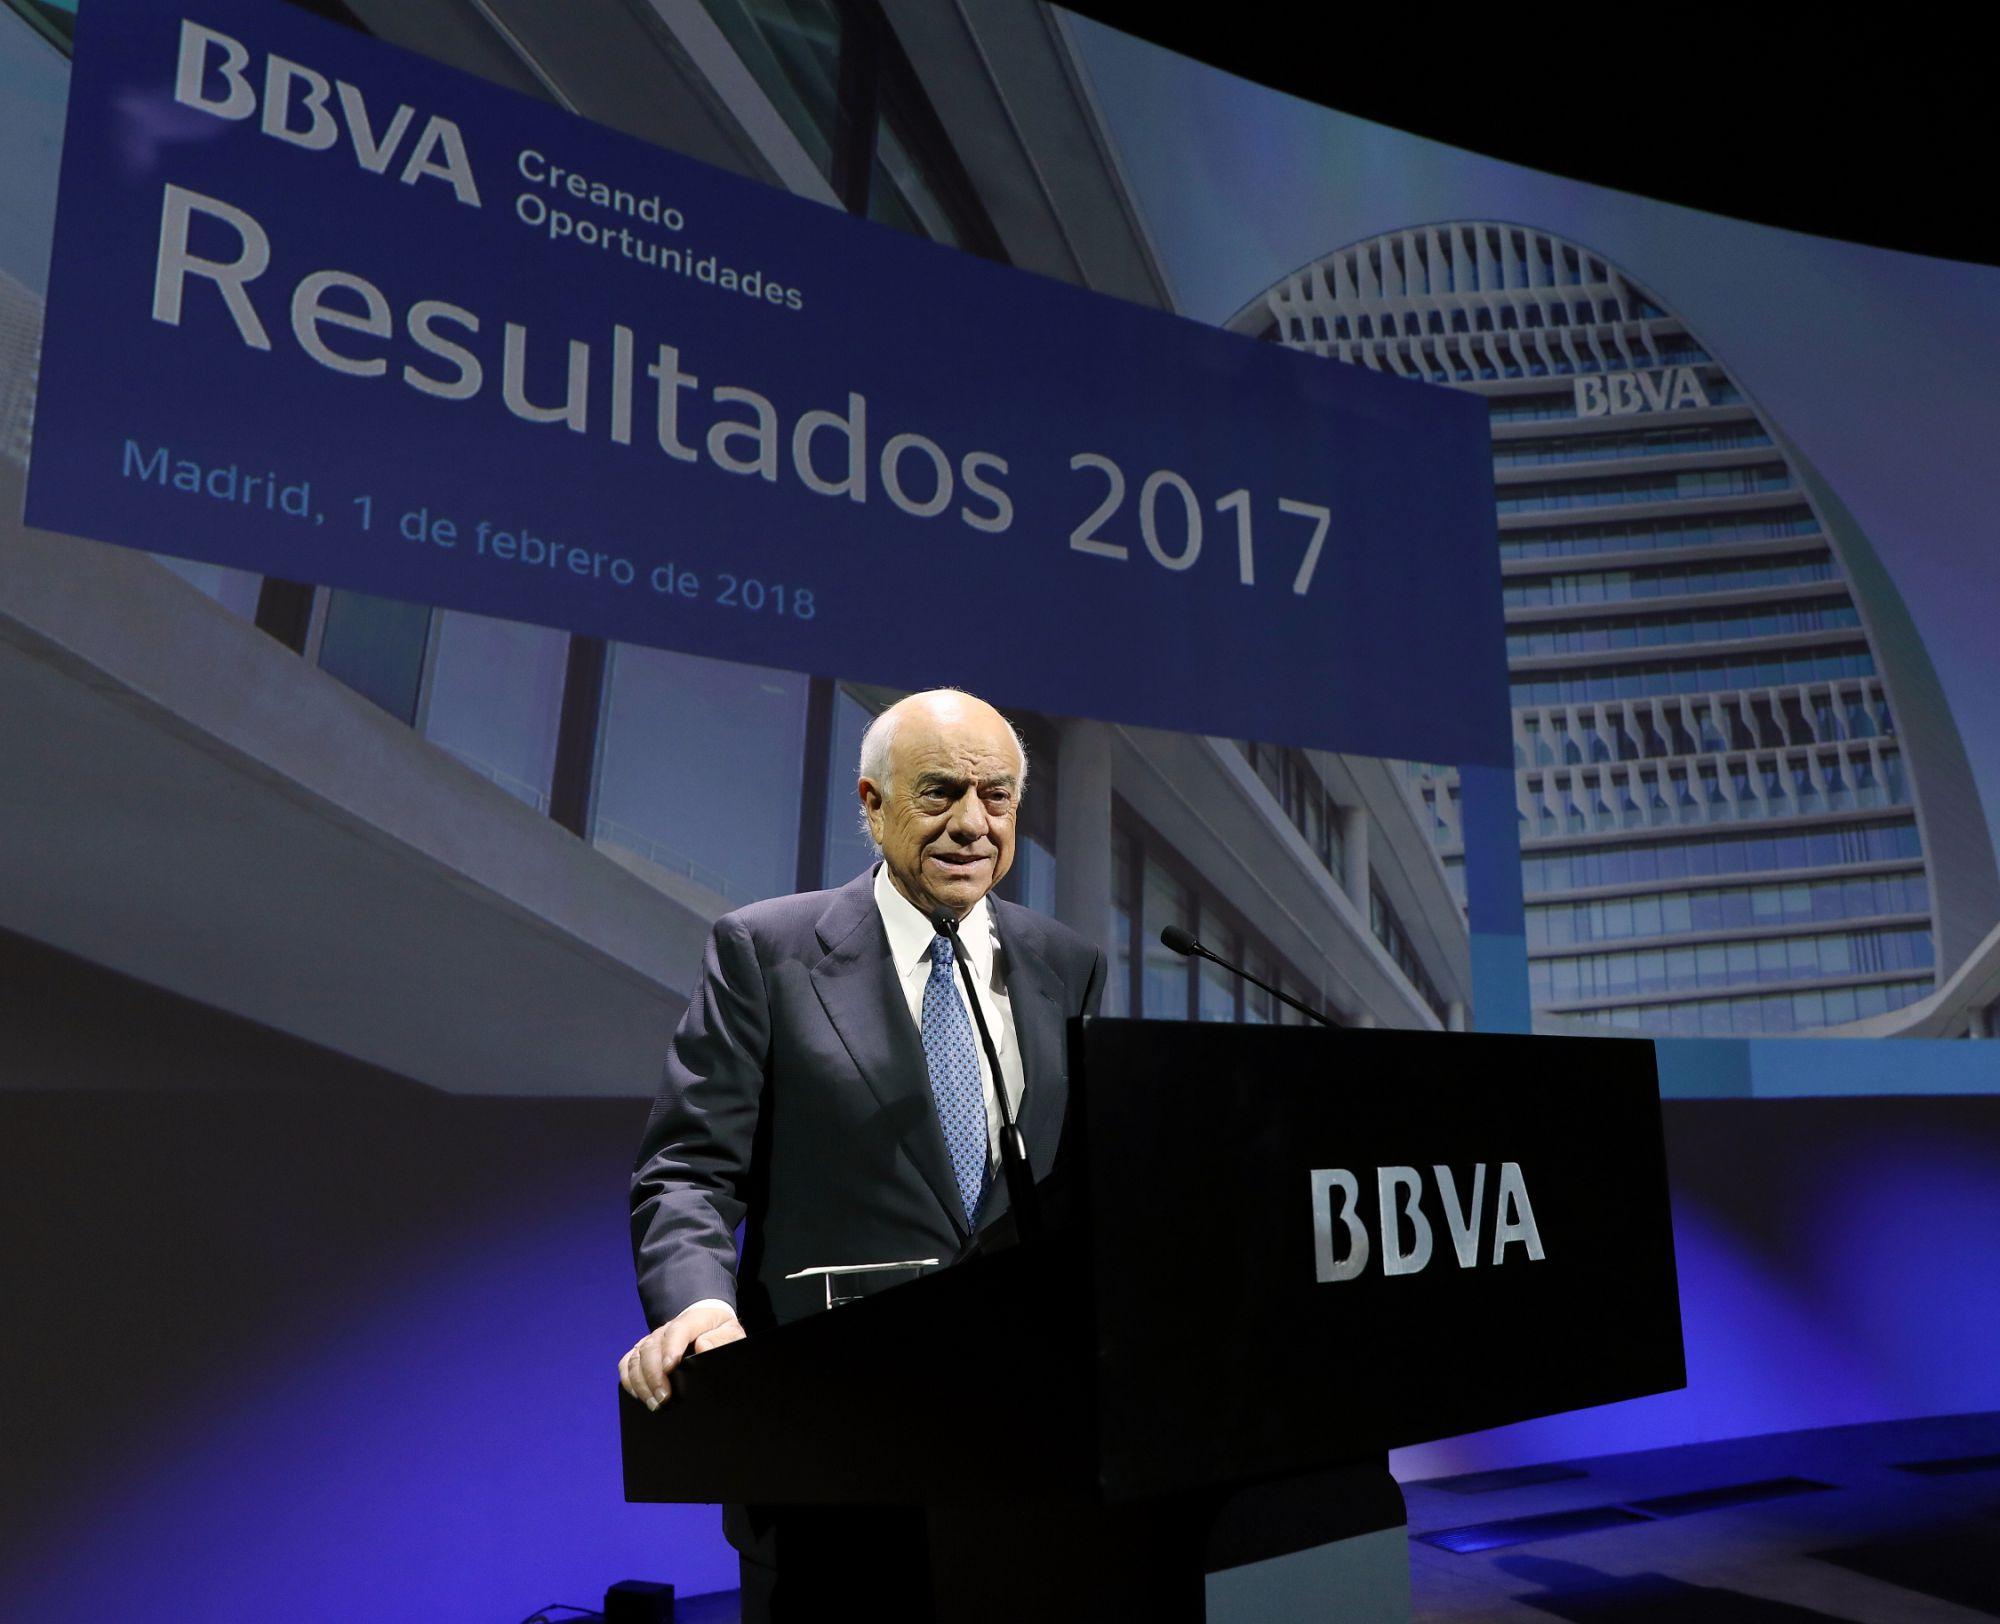 BBVA aumenta un 20% su beneficio comparable en 2017, hasta €4.642 millones